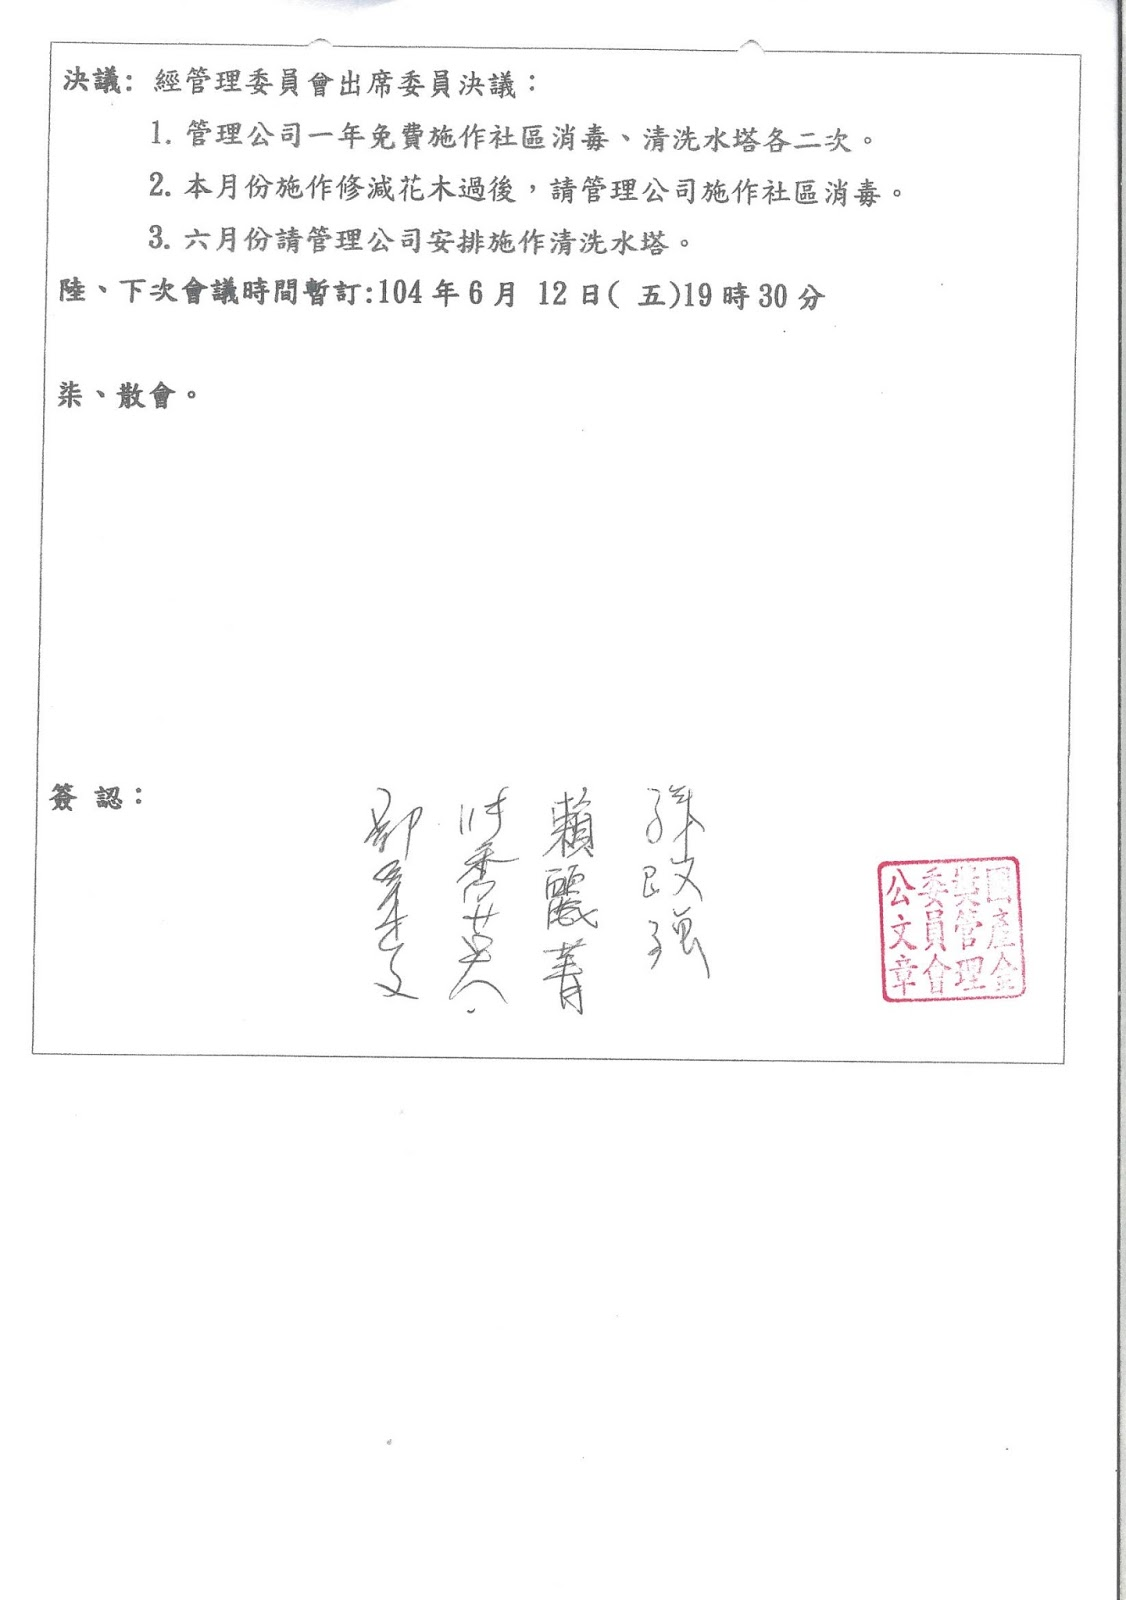 『國產金獎』社區管理委員會 / 忠正保全 駐衛管理